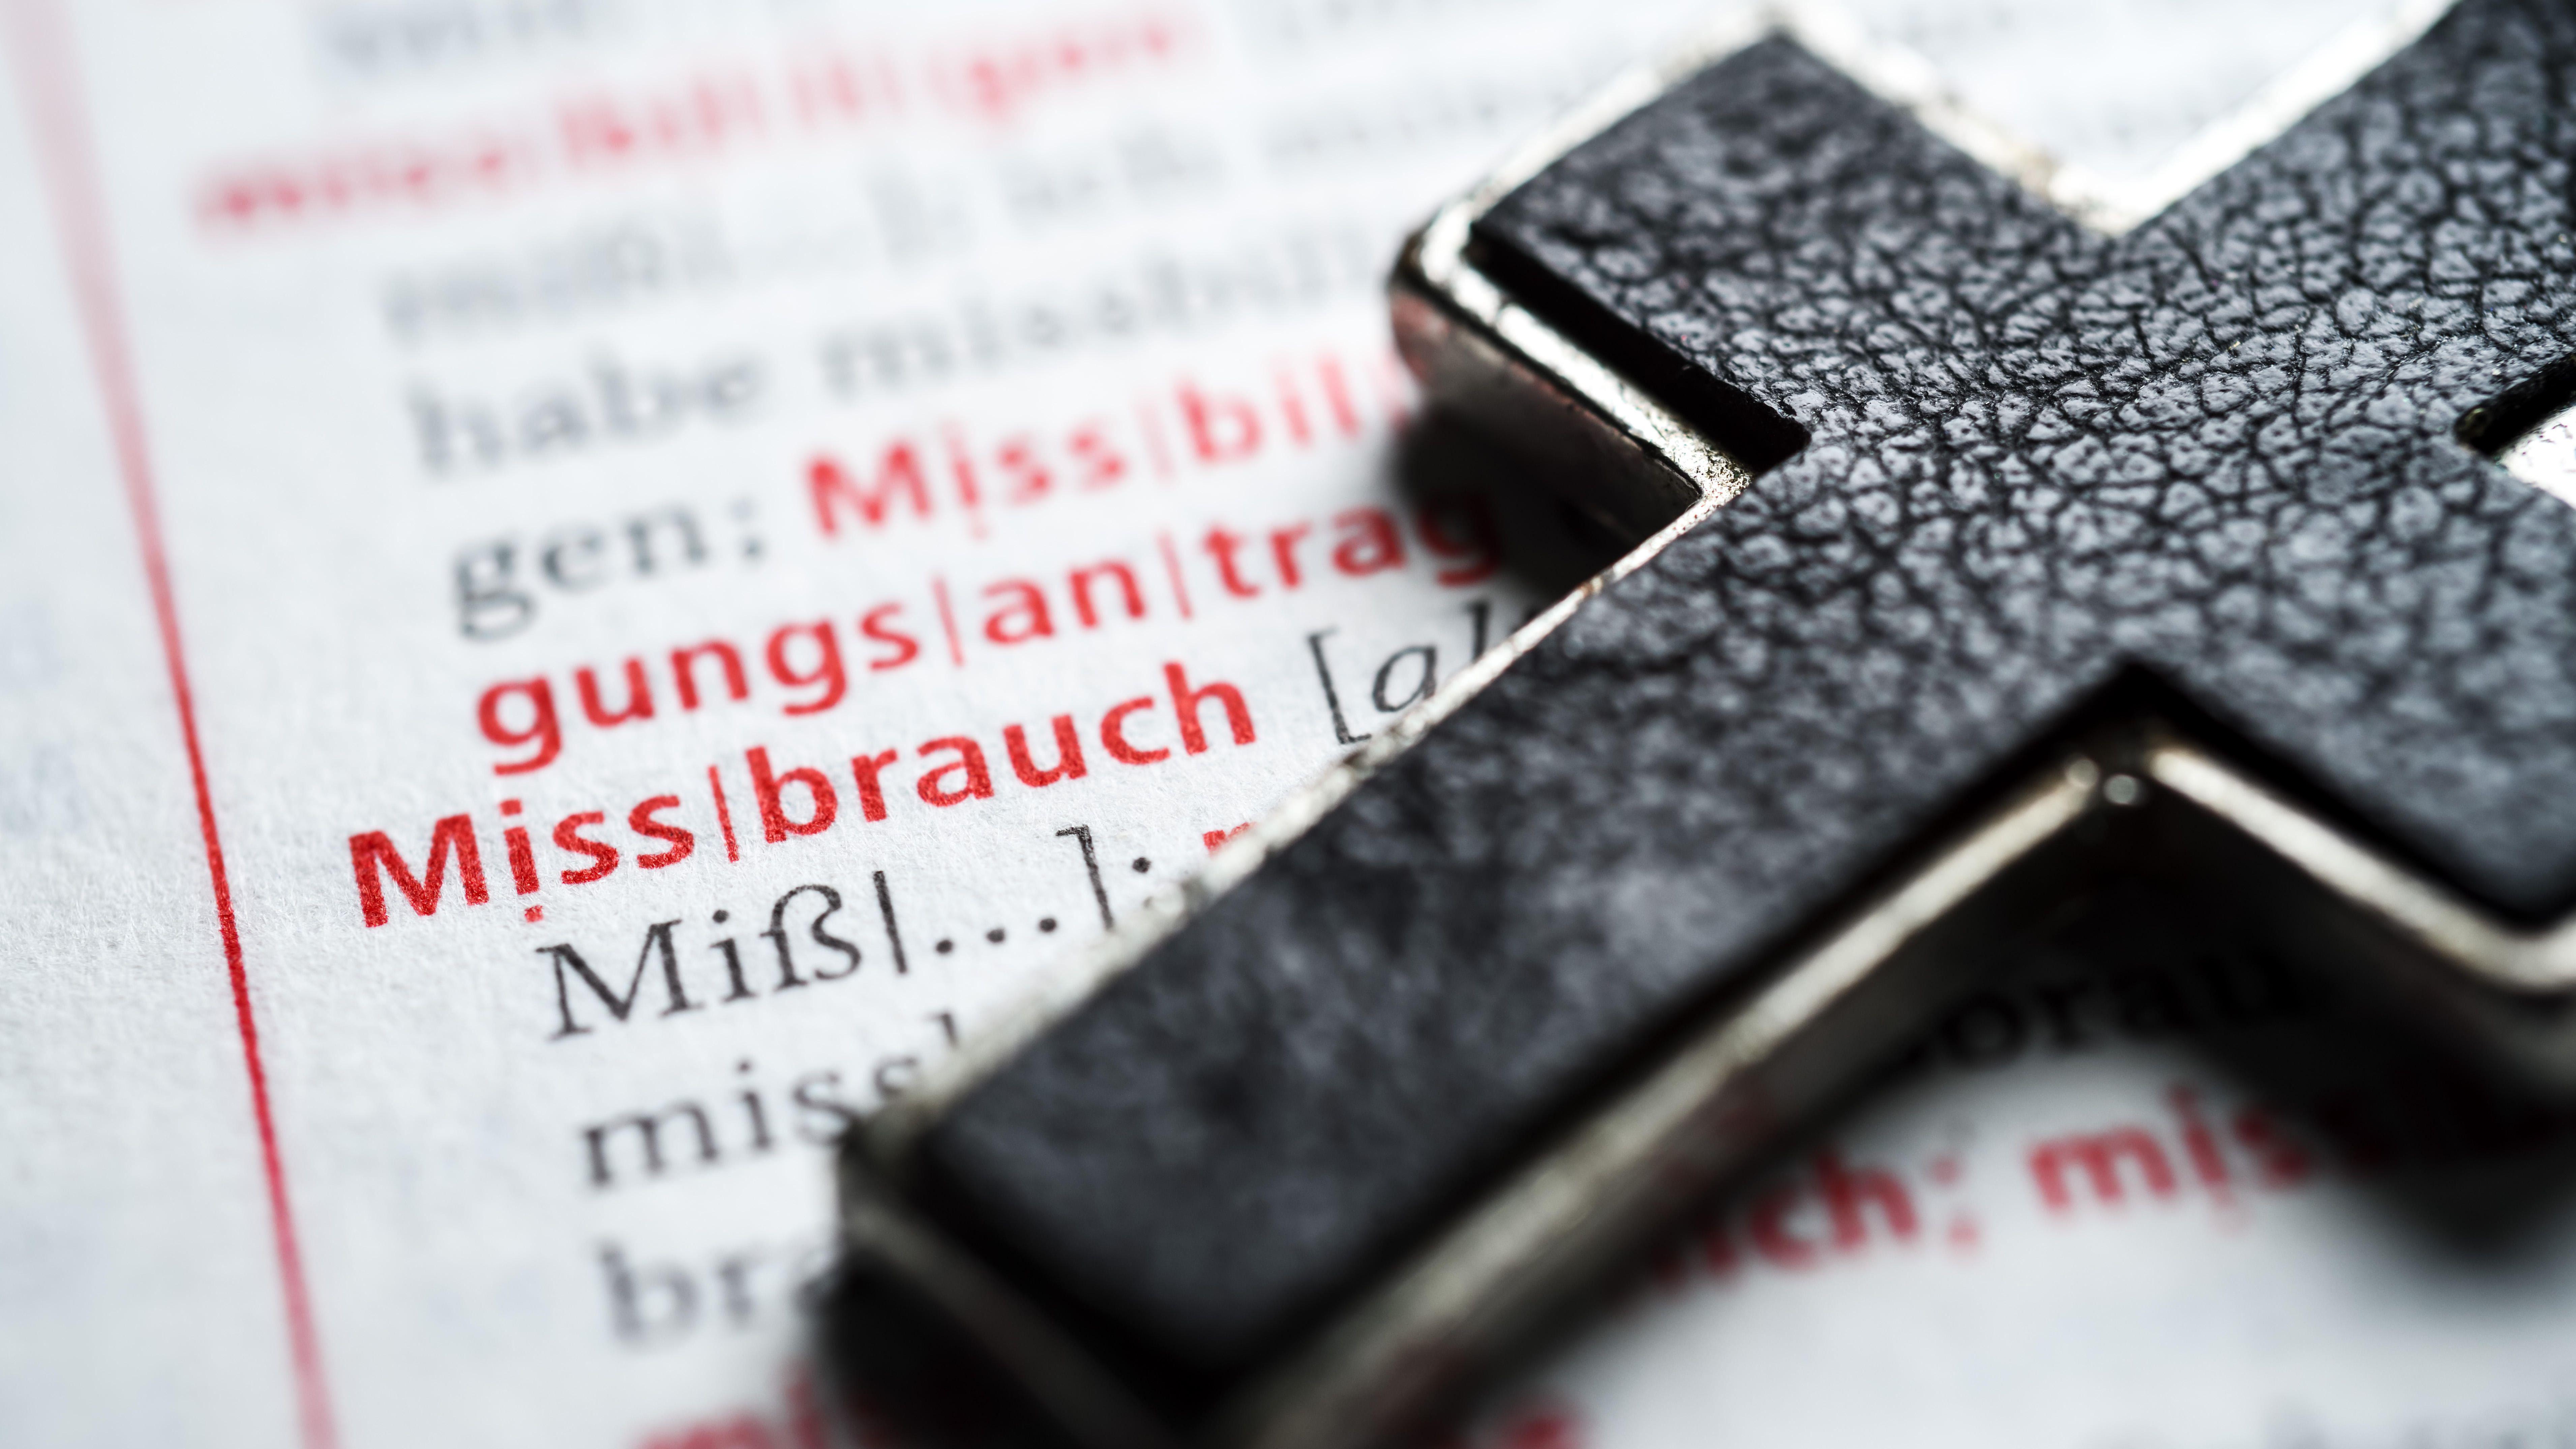 Ein ledernes Kreuz liegt auf einem Wörterbuch, das beim Wort Missbrauch aufgeschlagen ist.